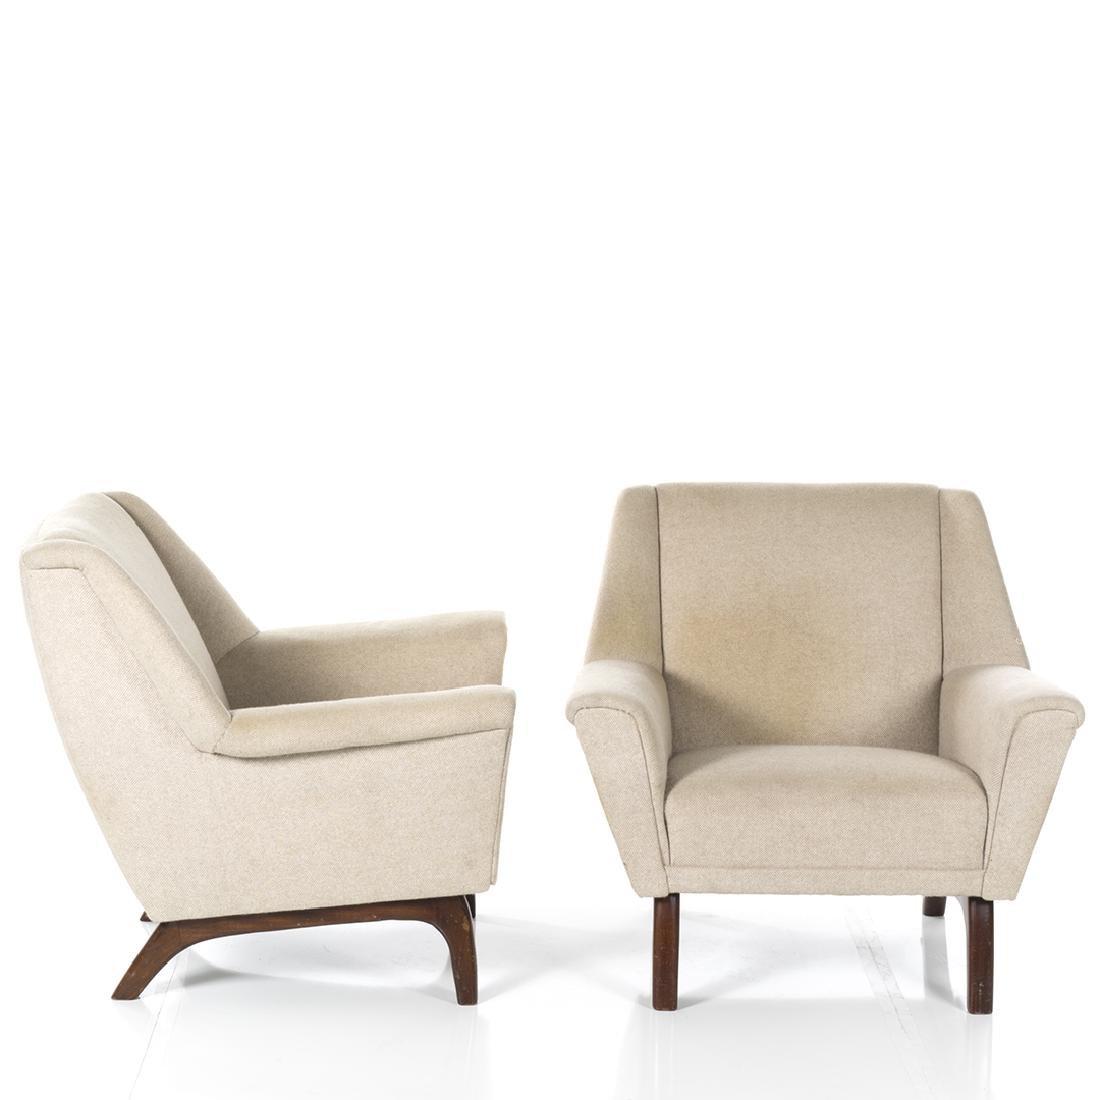 Danish Wool Lounge Chairs (2) - 2